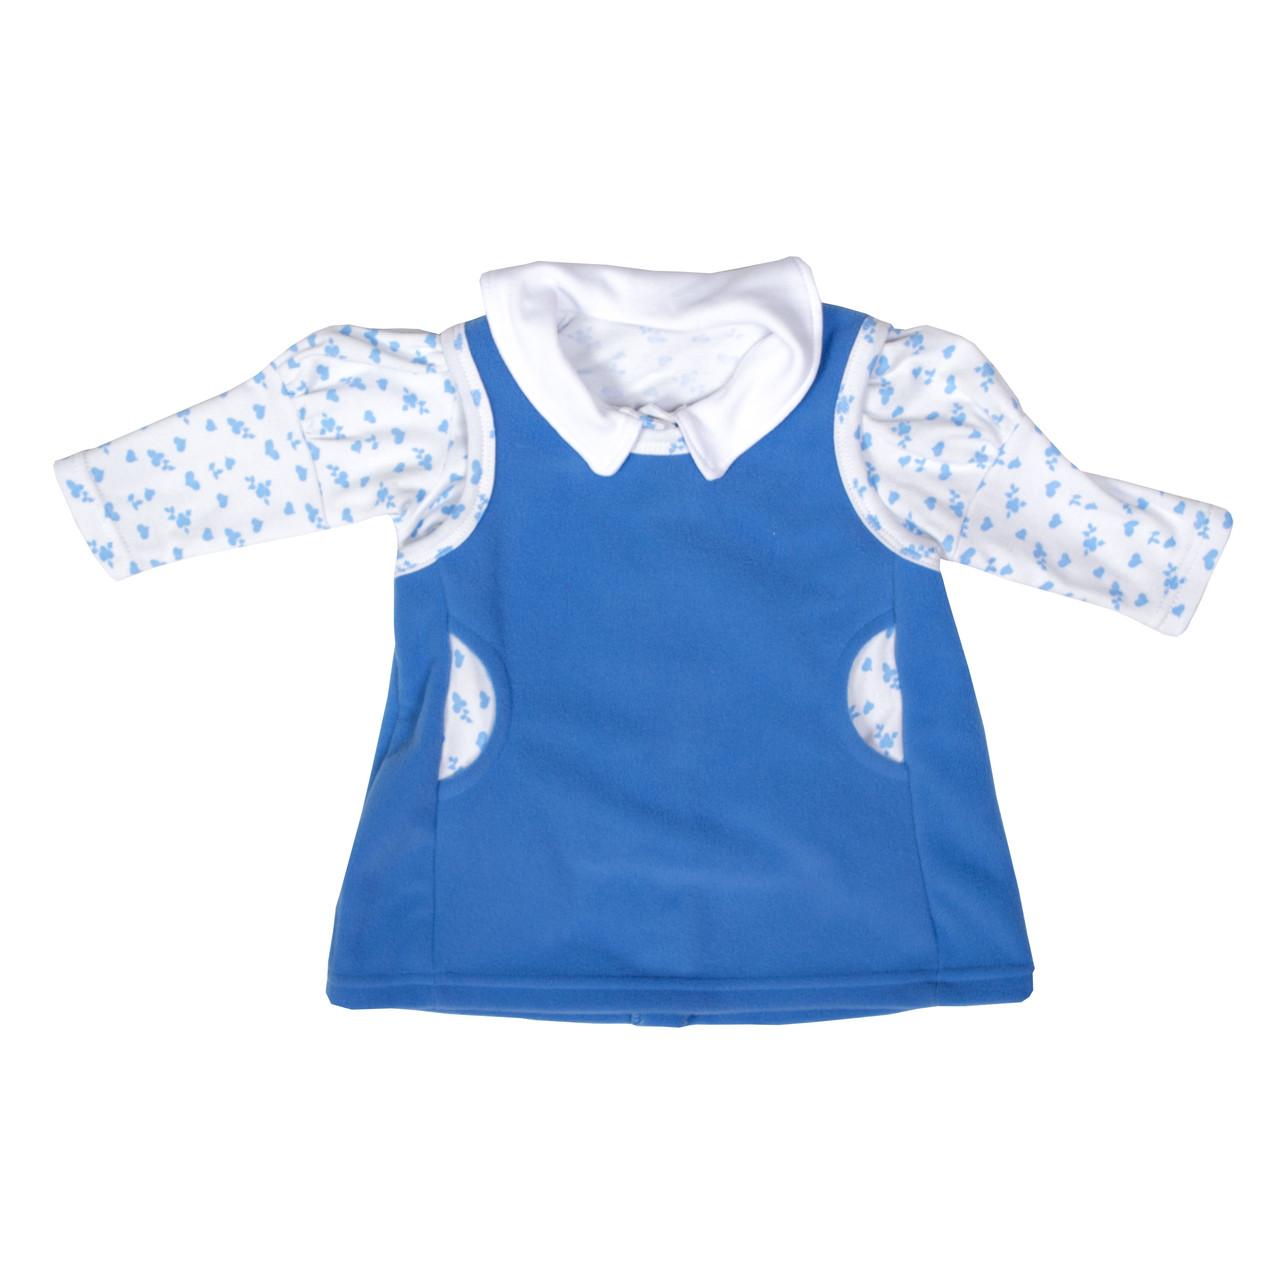 Сарафан с блузой для девочки флис голубой